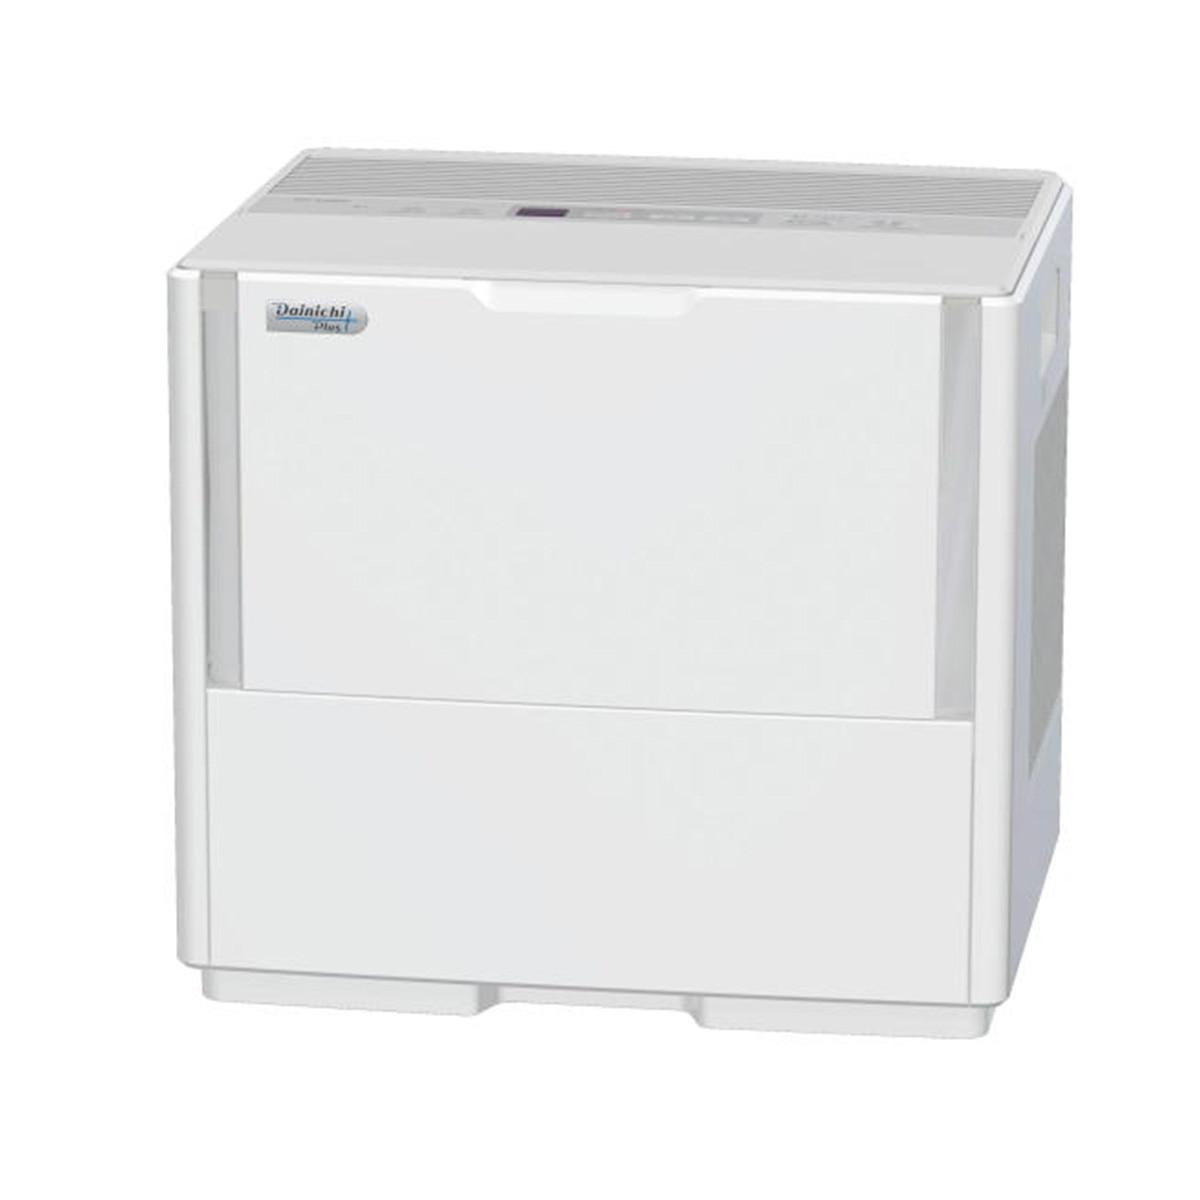 ダイニチ工業 ハイブリッド式加湿器(プレハブ洋室67畳/木造和室40畳まで) ホワイト HD-2400F-W